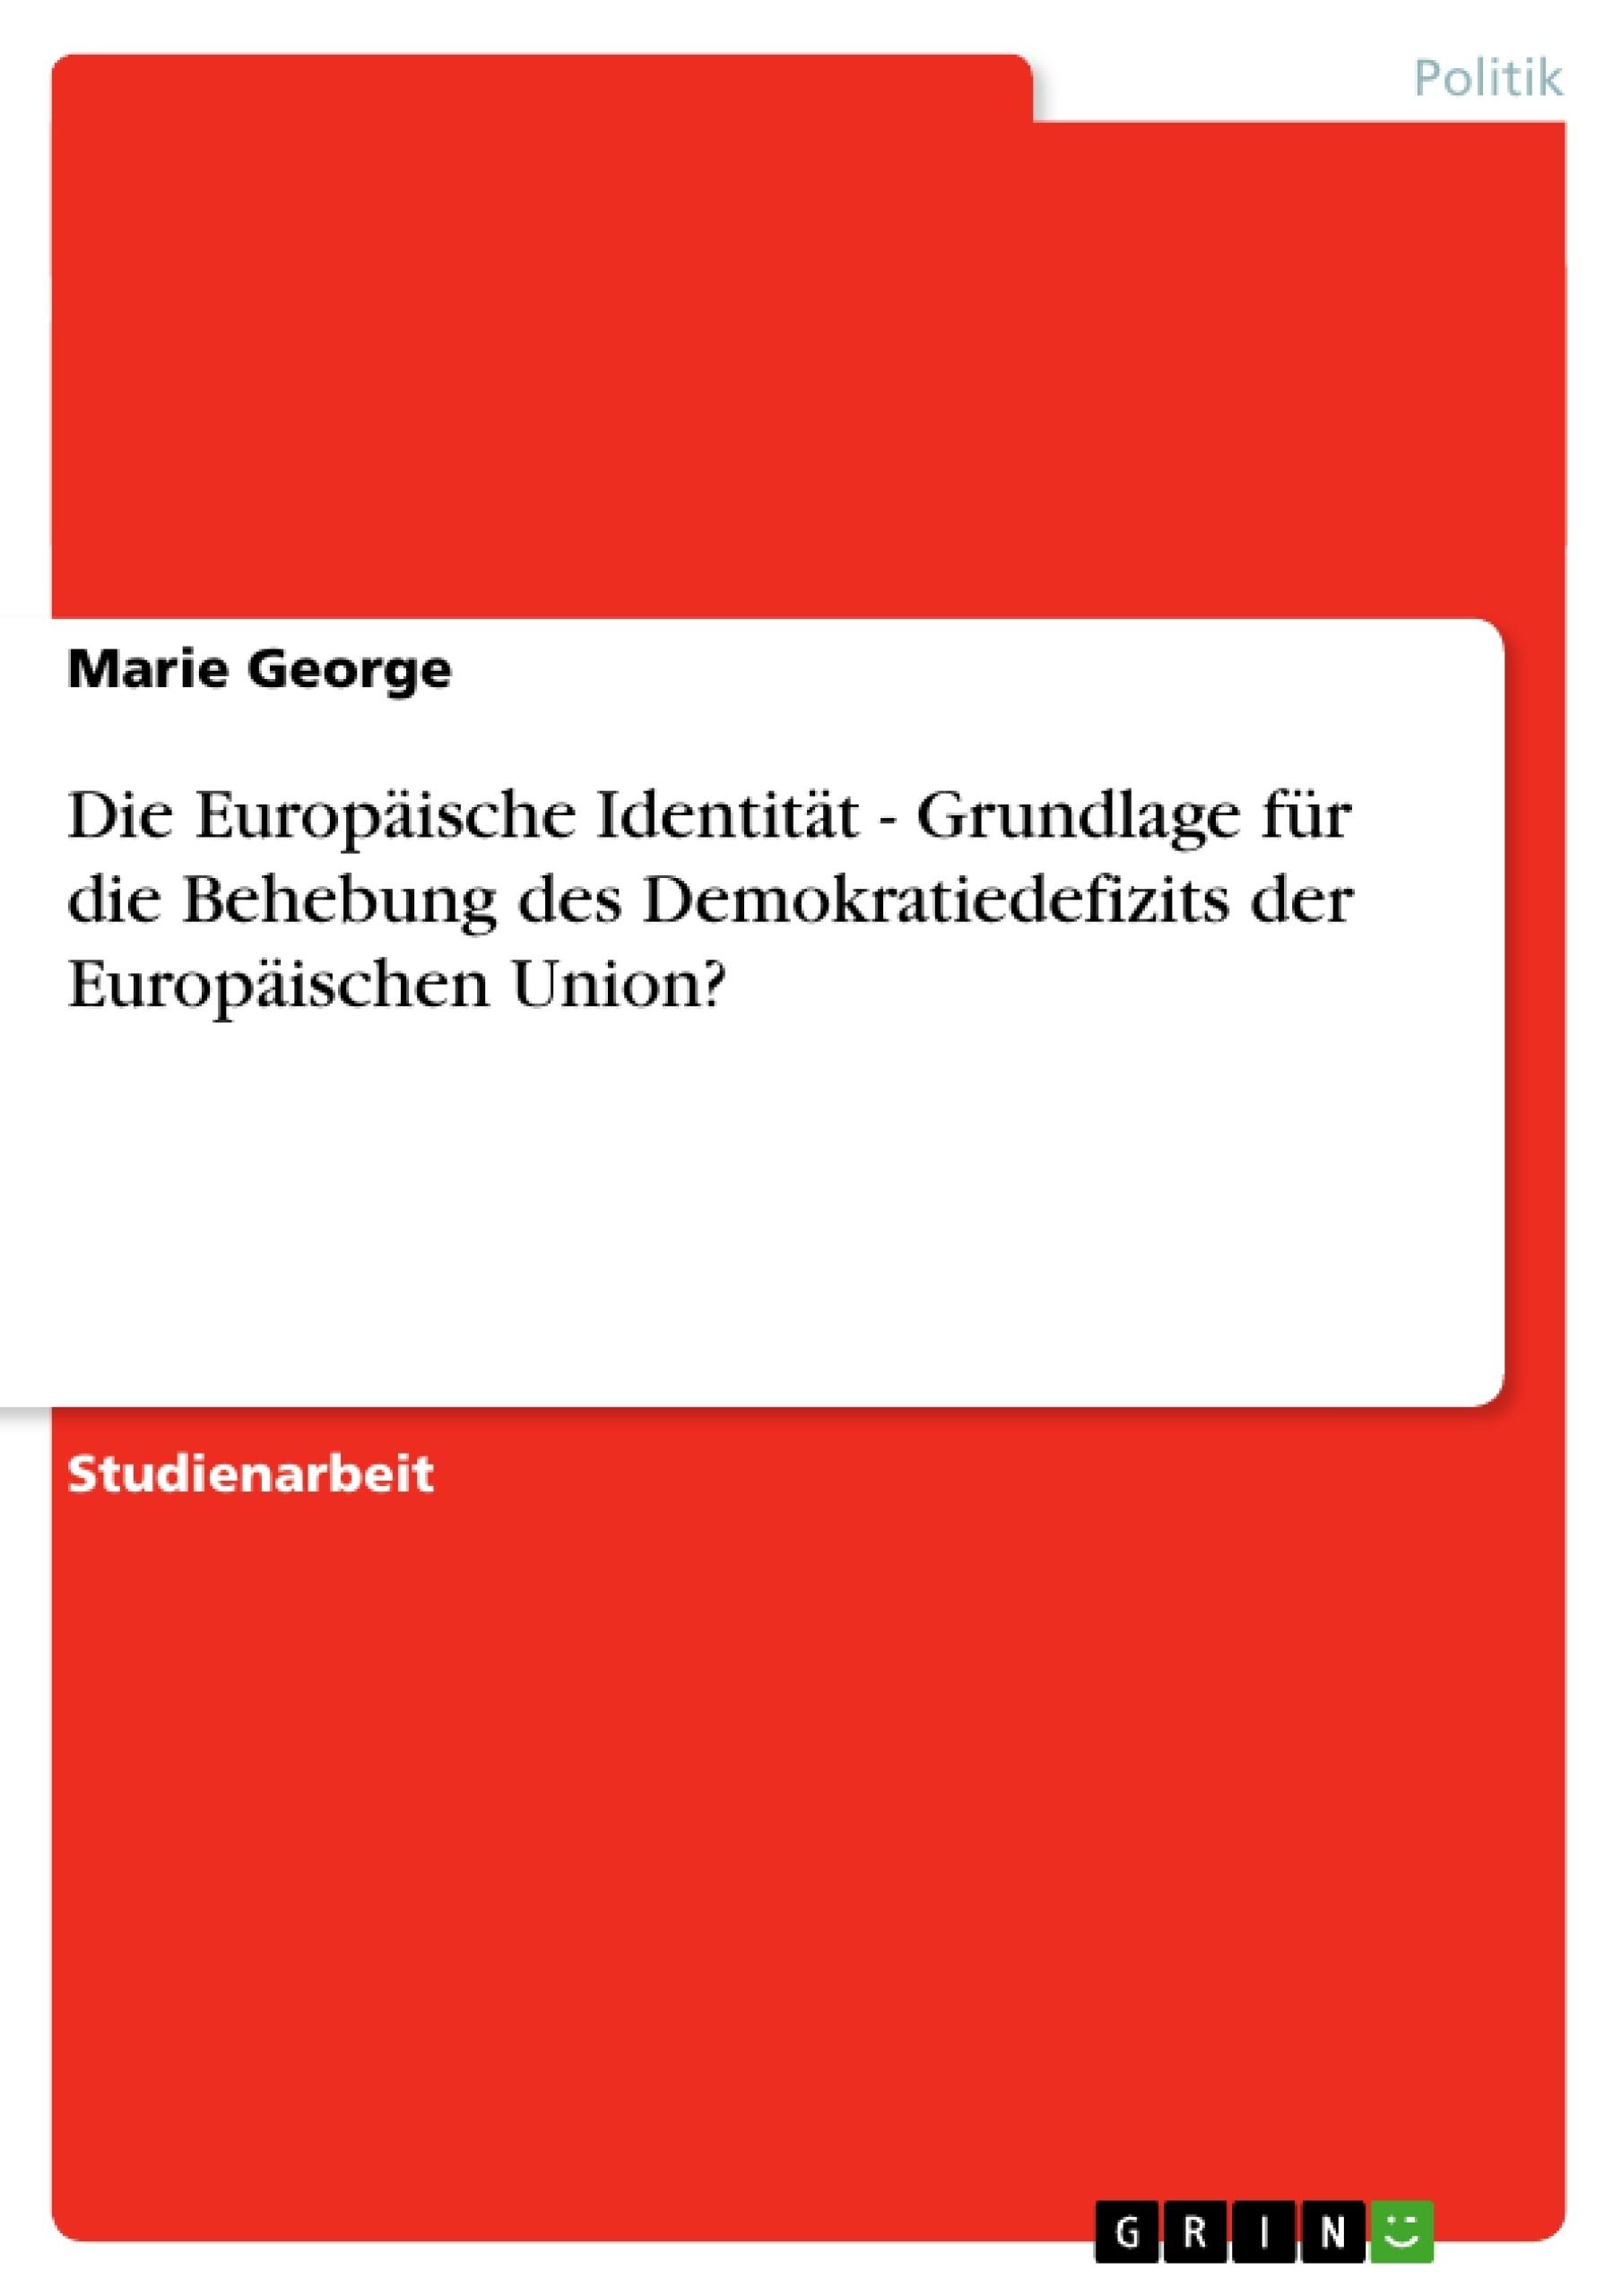 Titel: Die Europäische Identität - Grundlage für die Behebung des Demokratiedefizits der Europäischen Union?